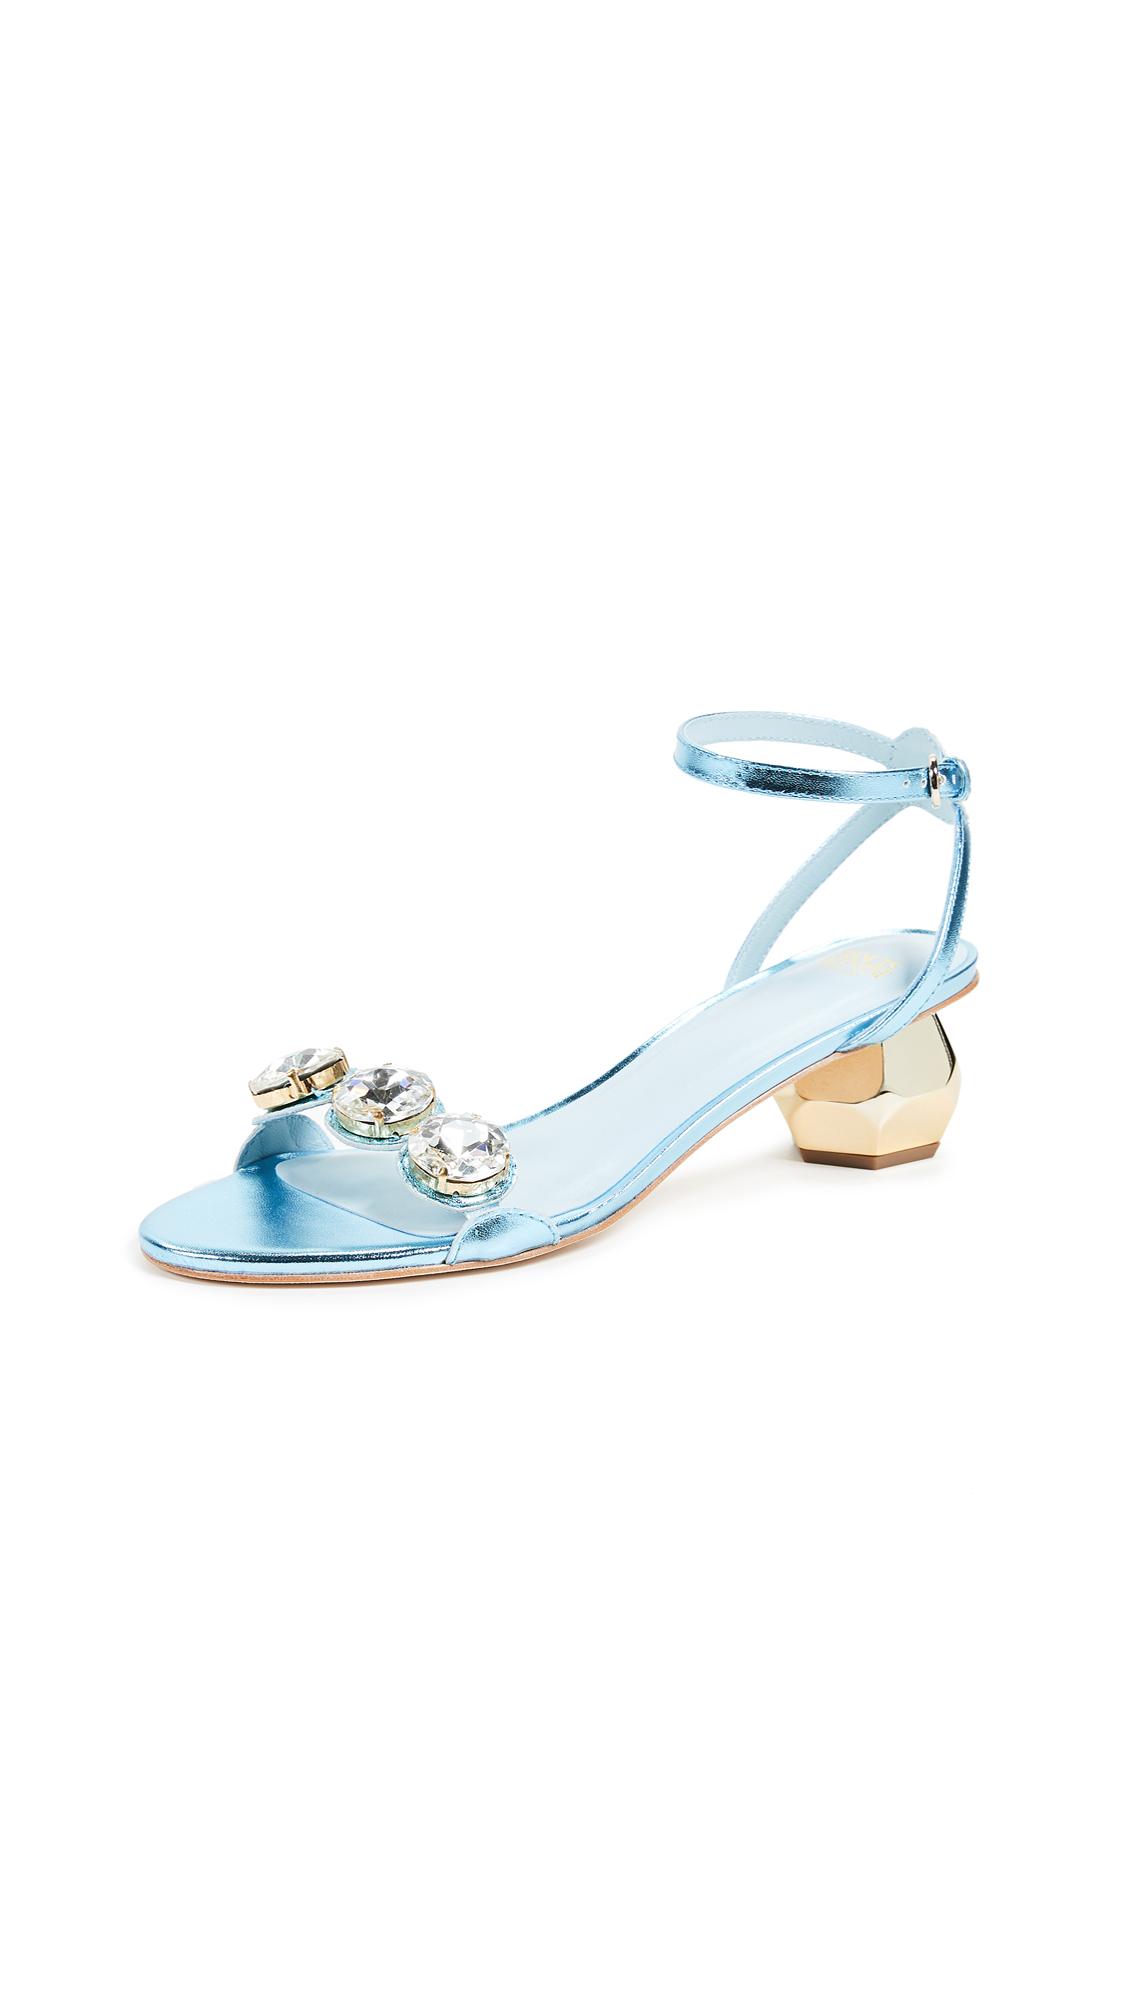 Frances Valentine Beatrix Sandals - Pale Blue